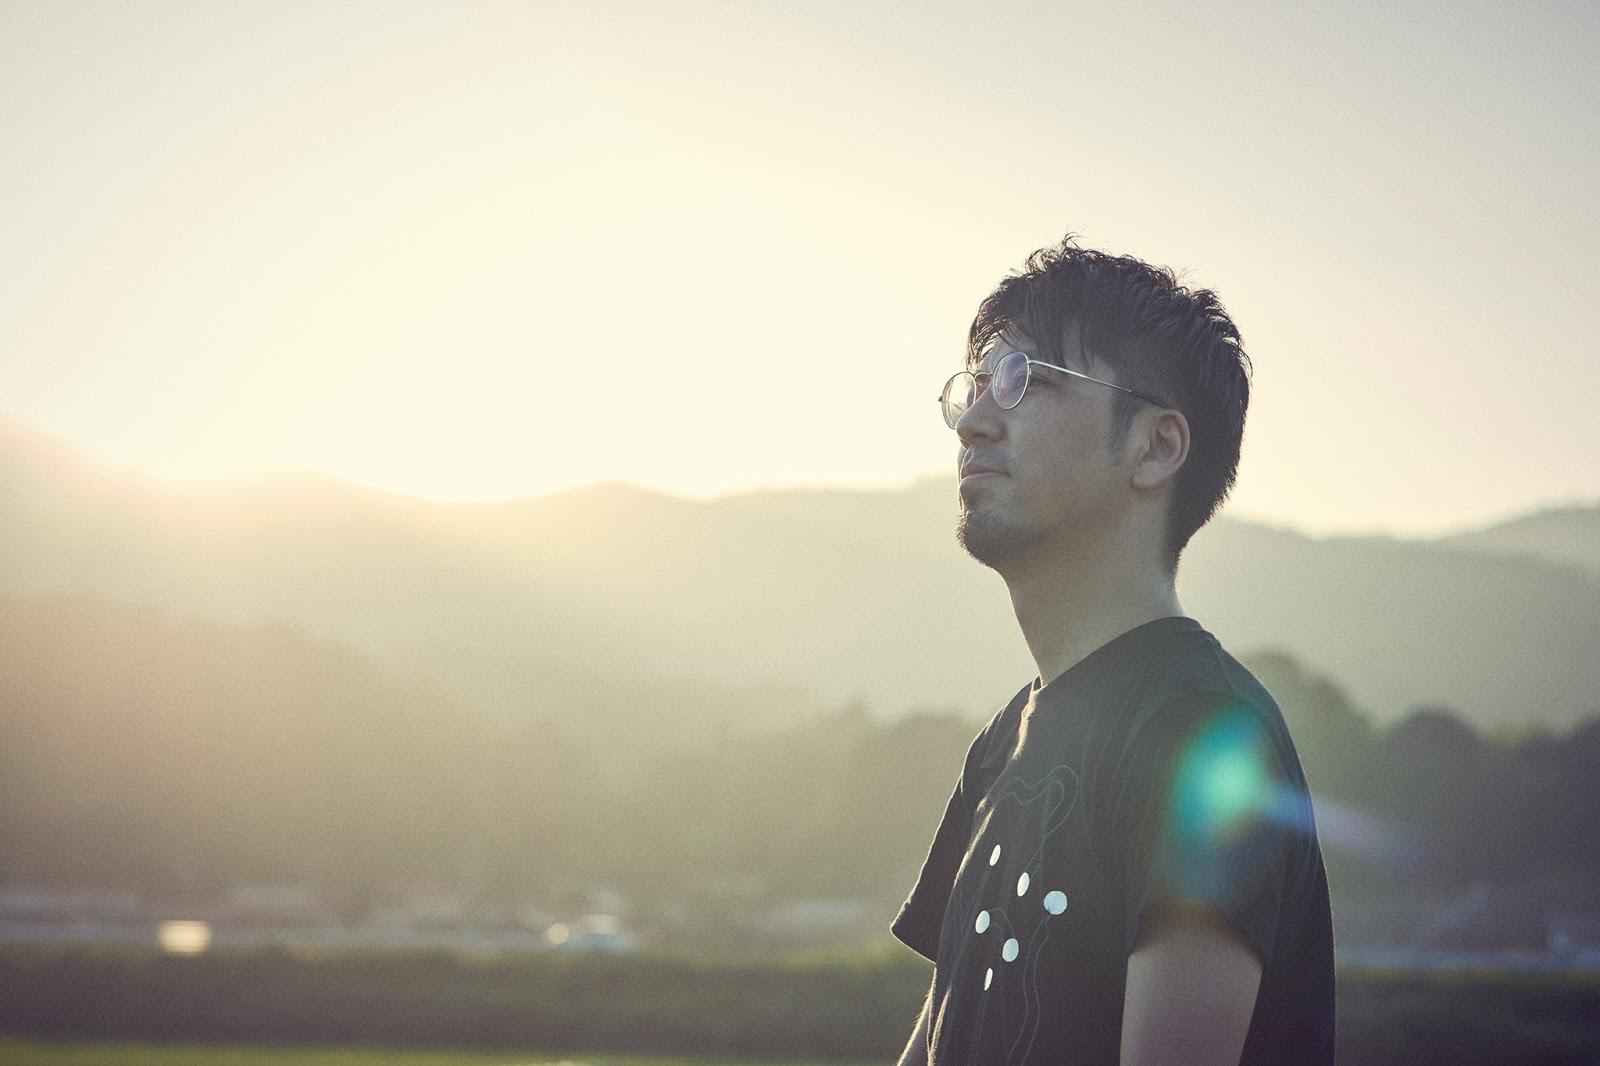 池田敦さんの写真